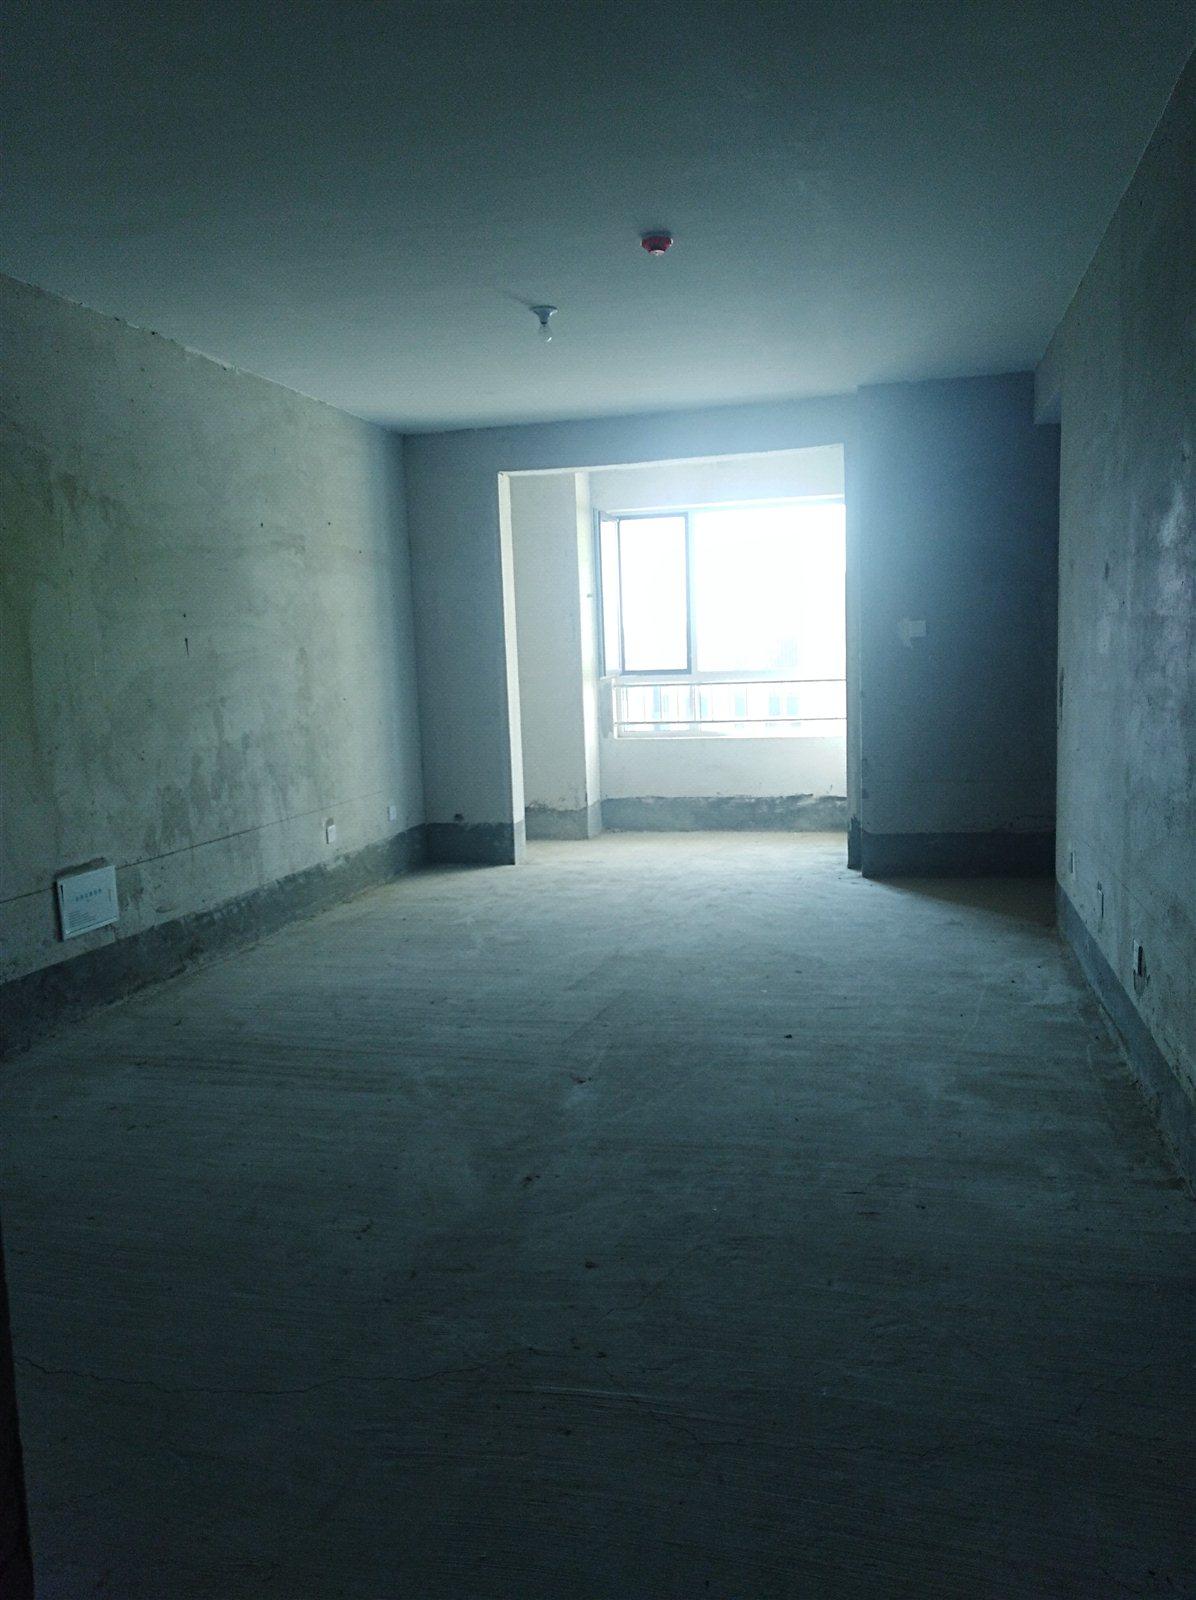 佳华香墅14楼 137平 带车位,储藏室115万